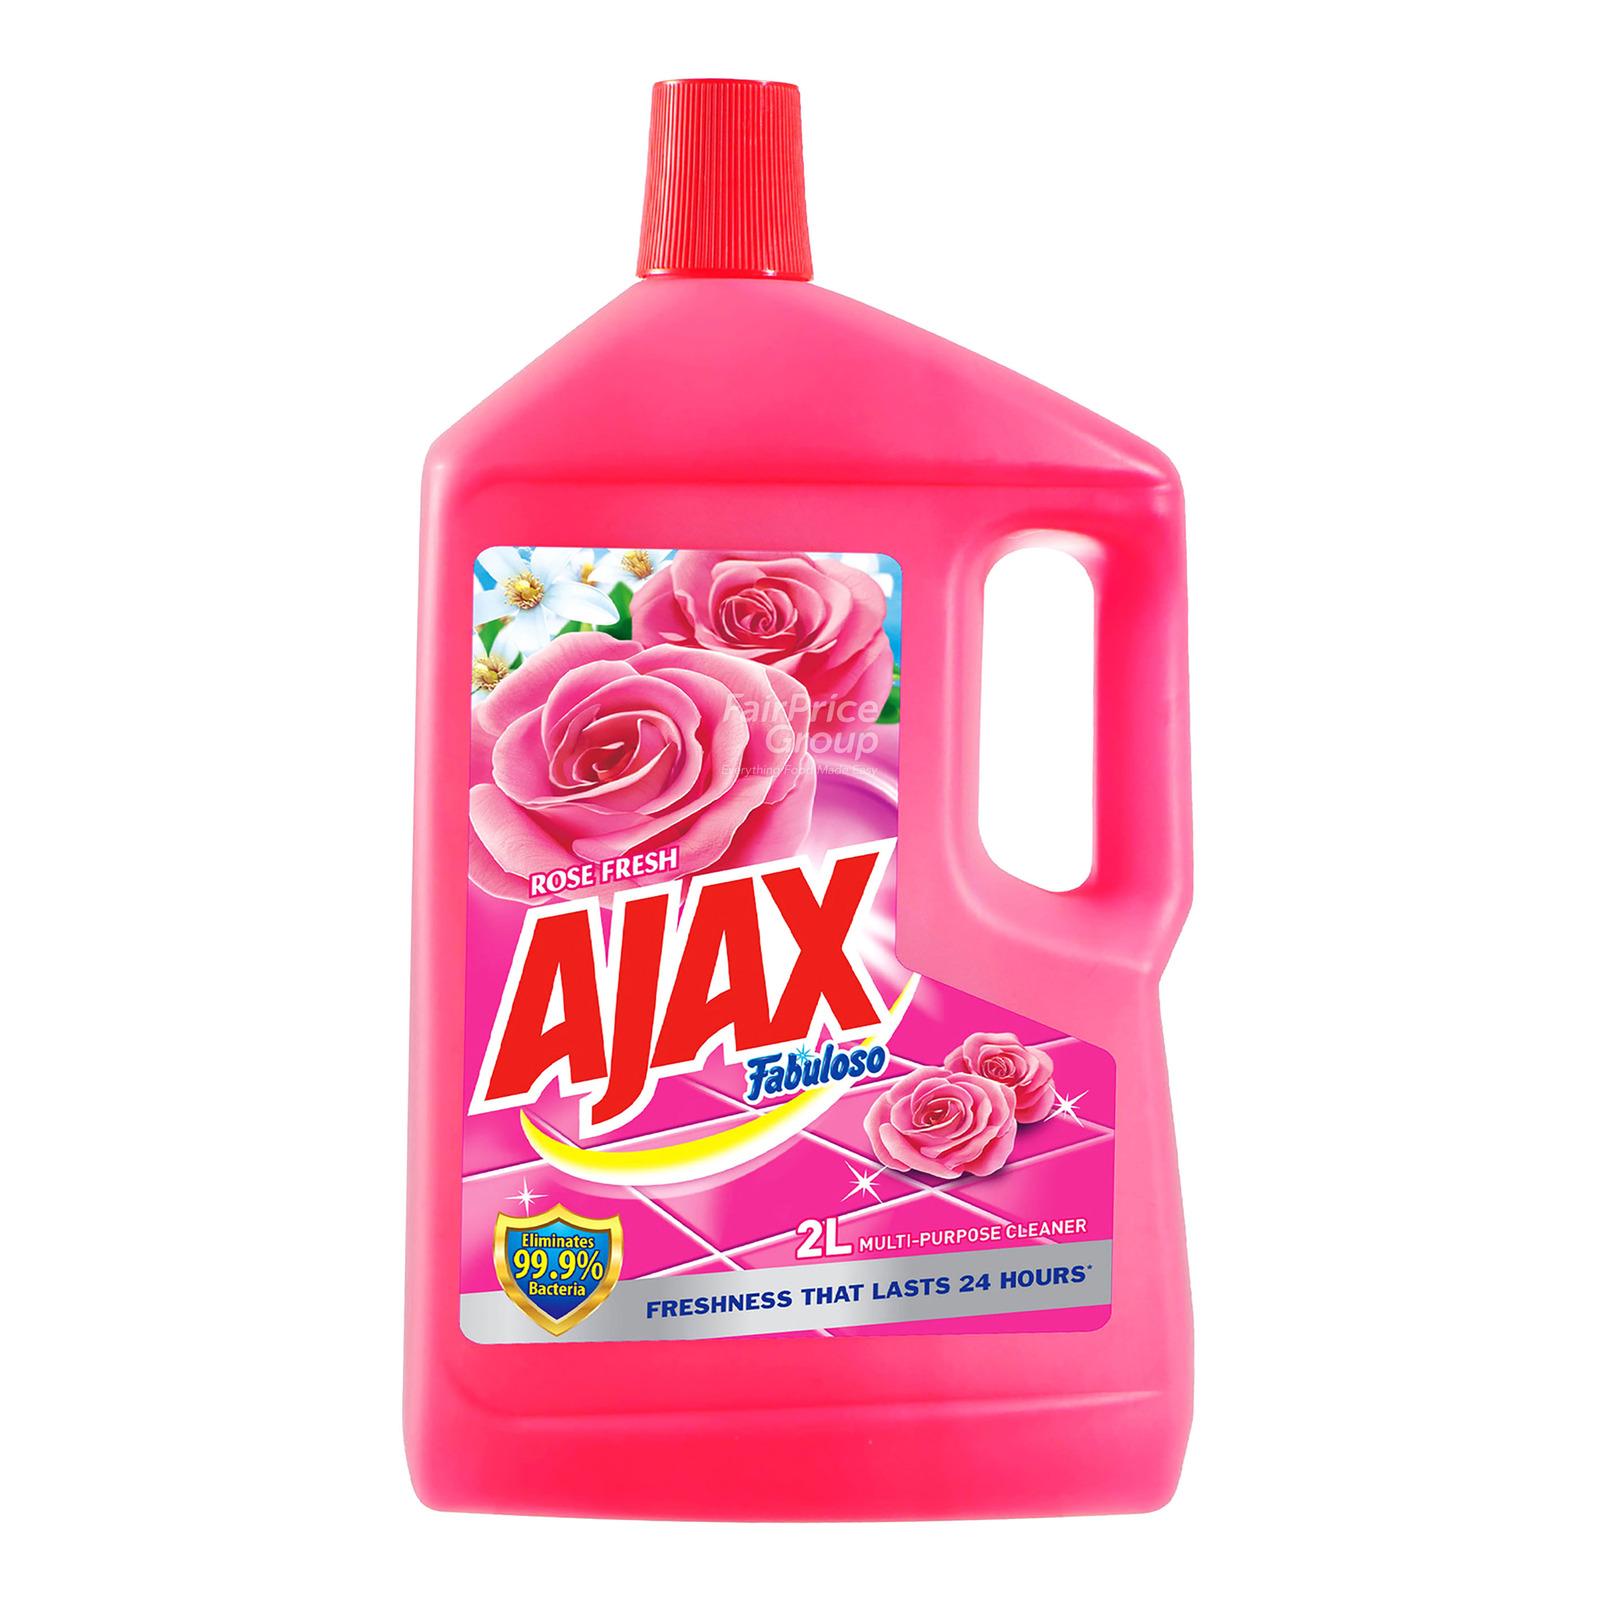 Ajax Fabuloso Multi-Purpose Cleaner - Rose Fresh